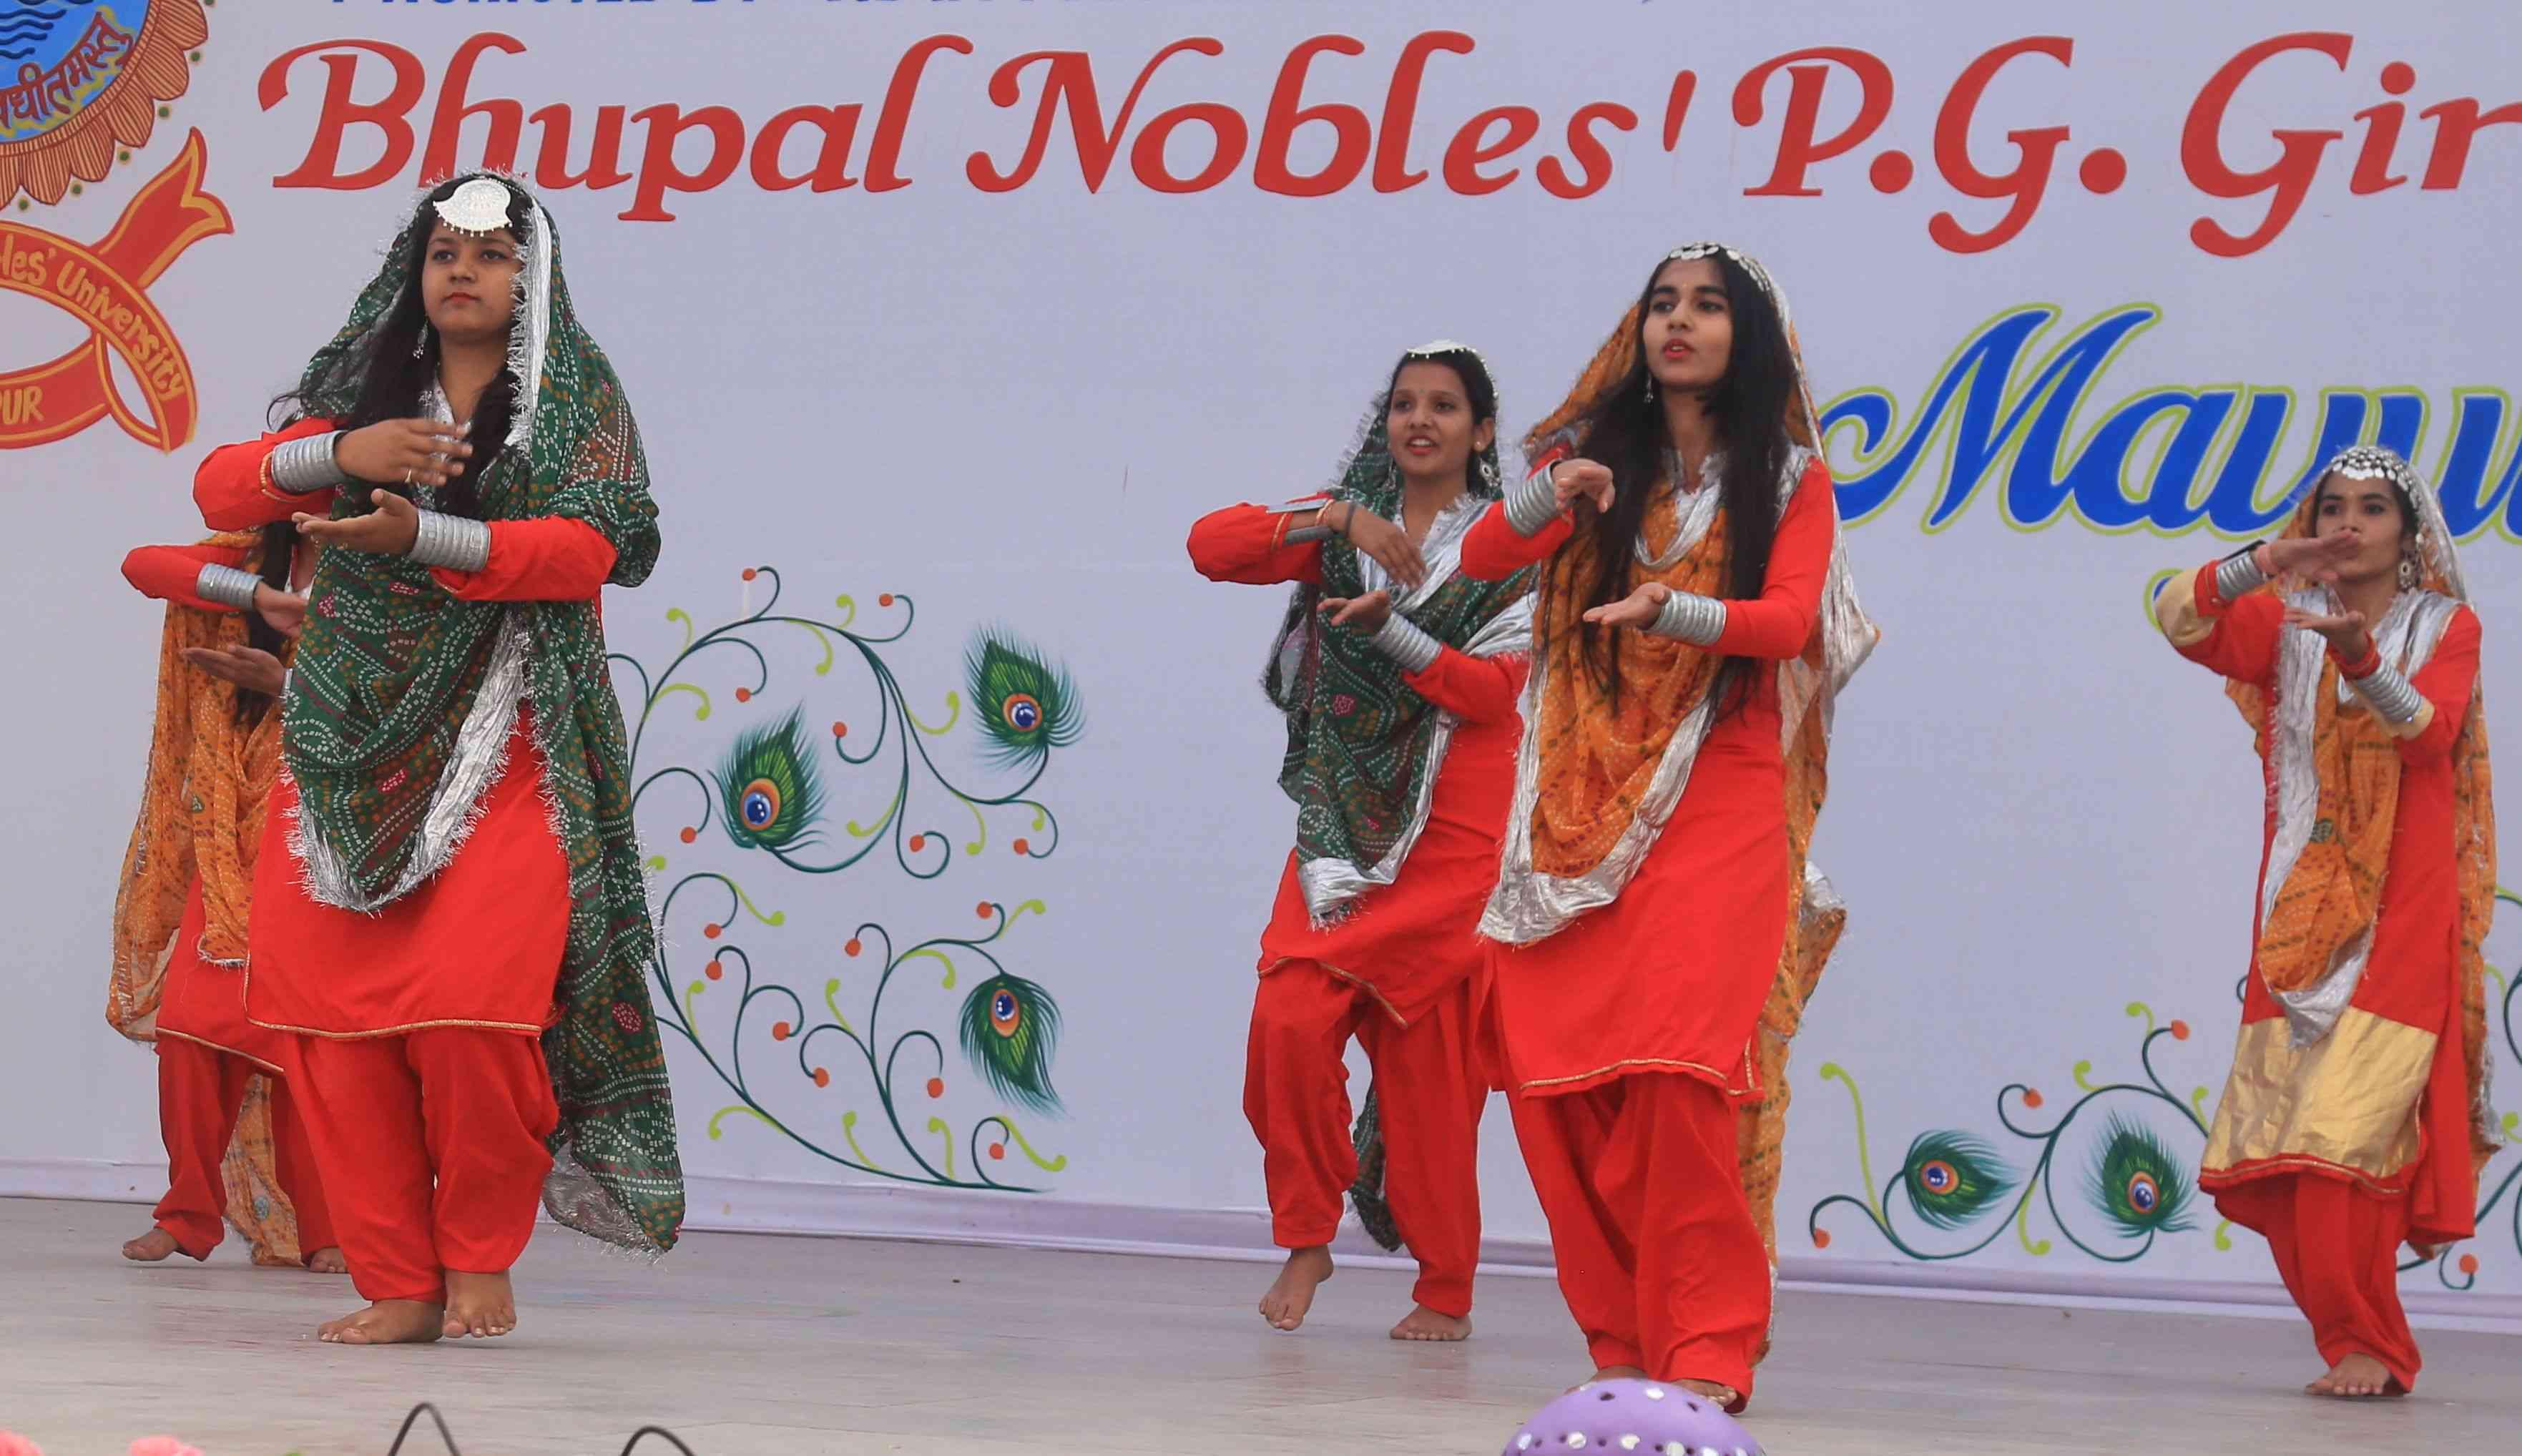 bnpg college udaipur